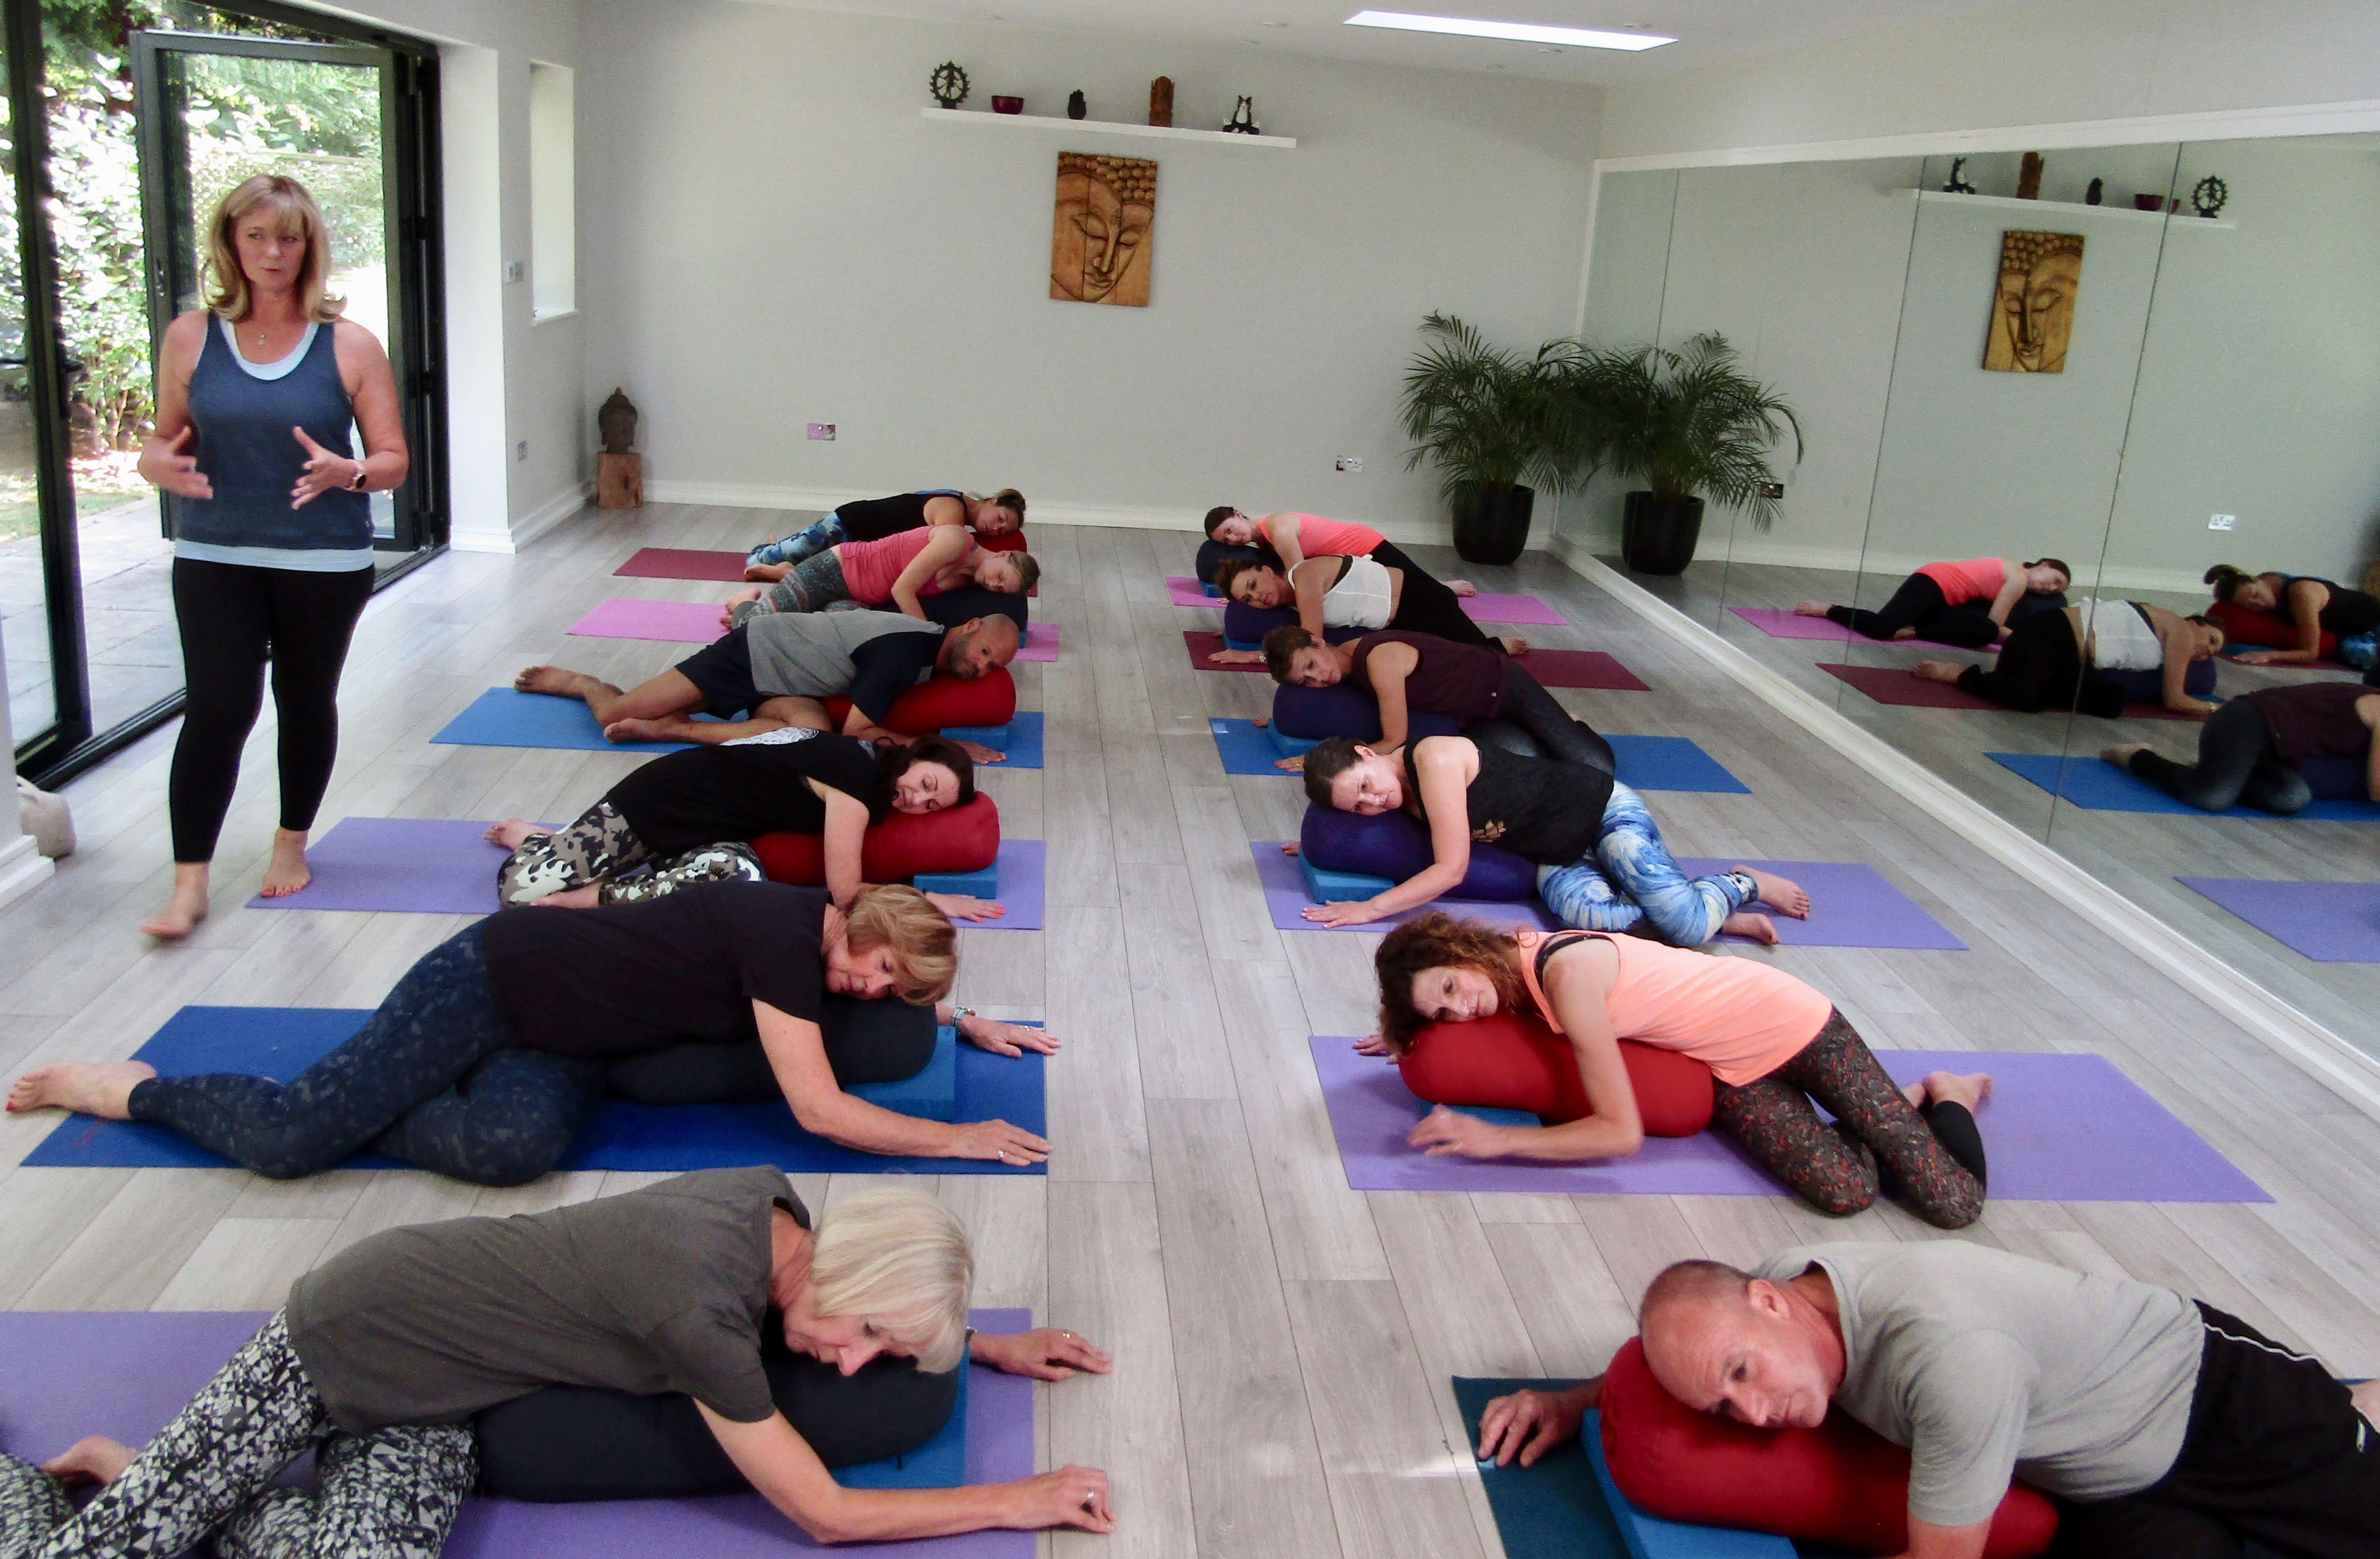 A restorative yoga class in the studio